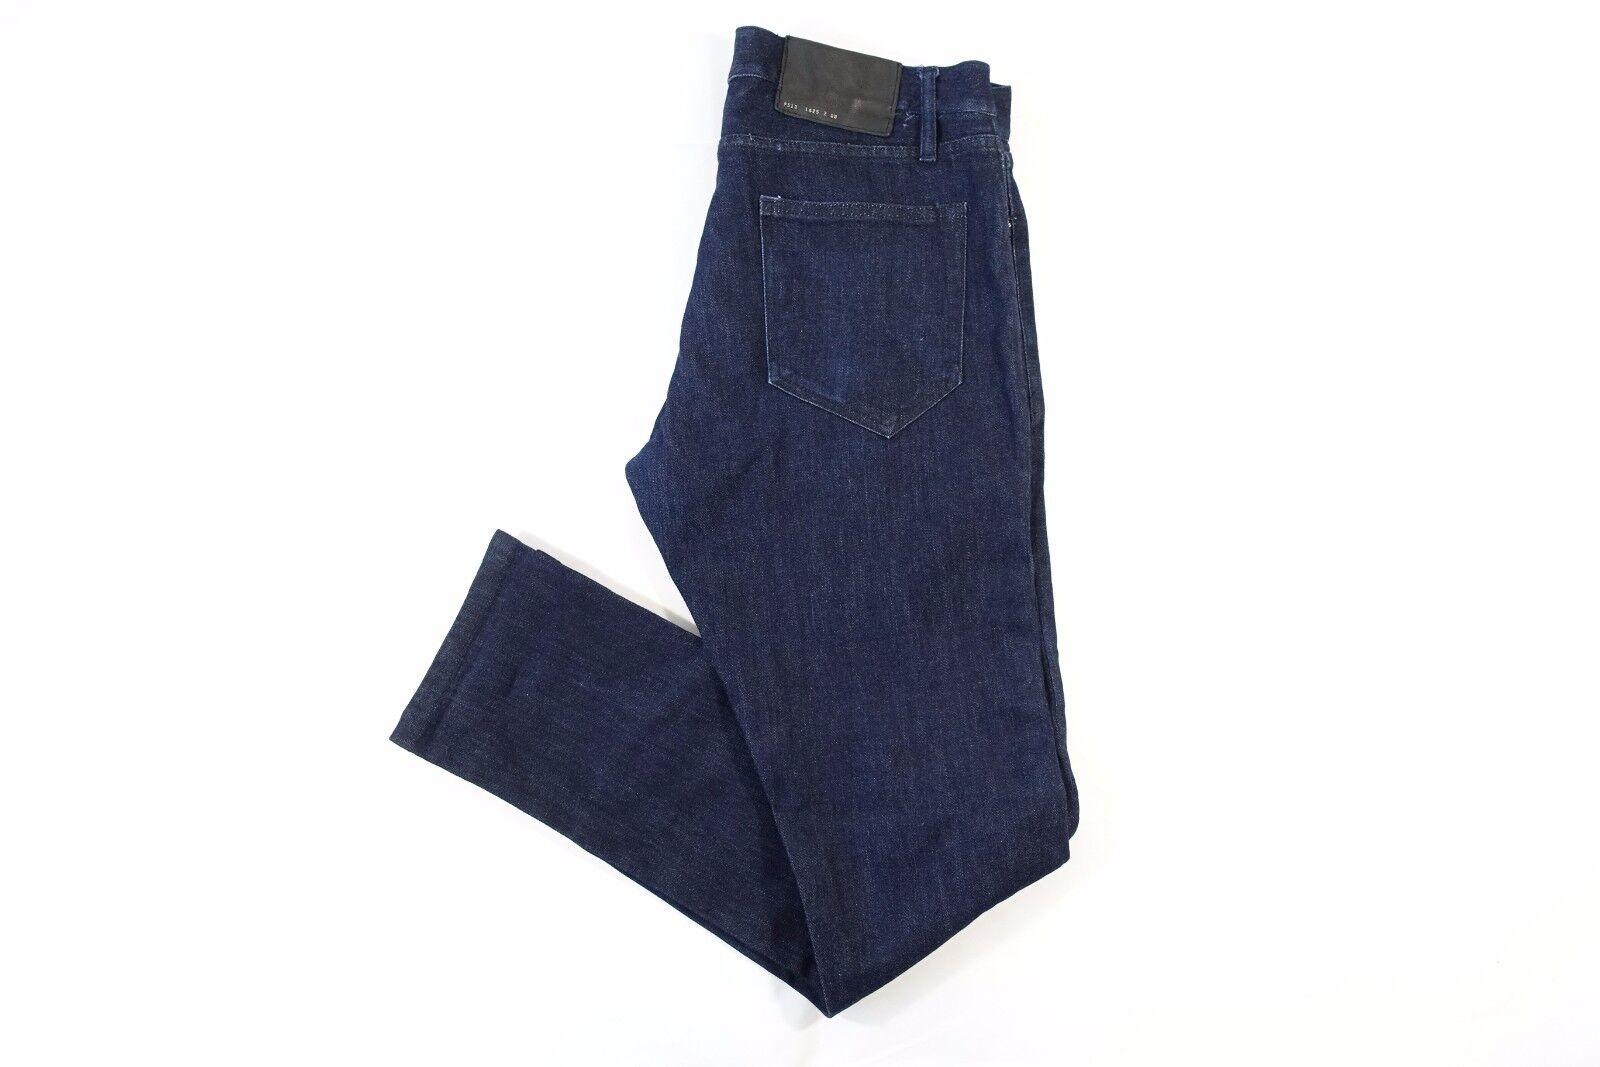 Public School Hergestellt in New York USA Dunkelblau 32 Slim Fit Jeans Herren